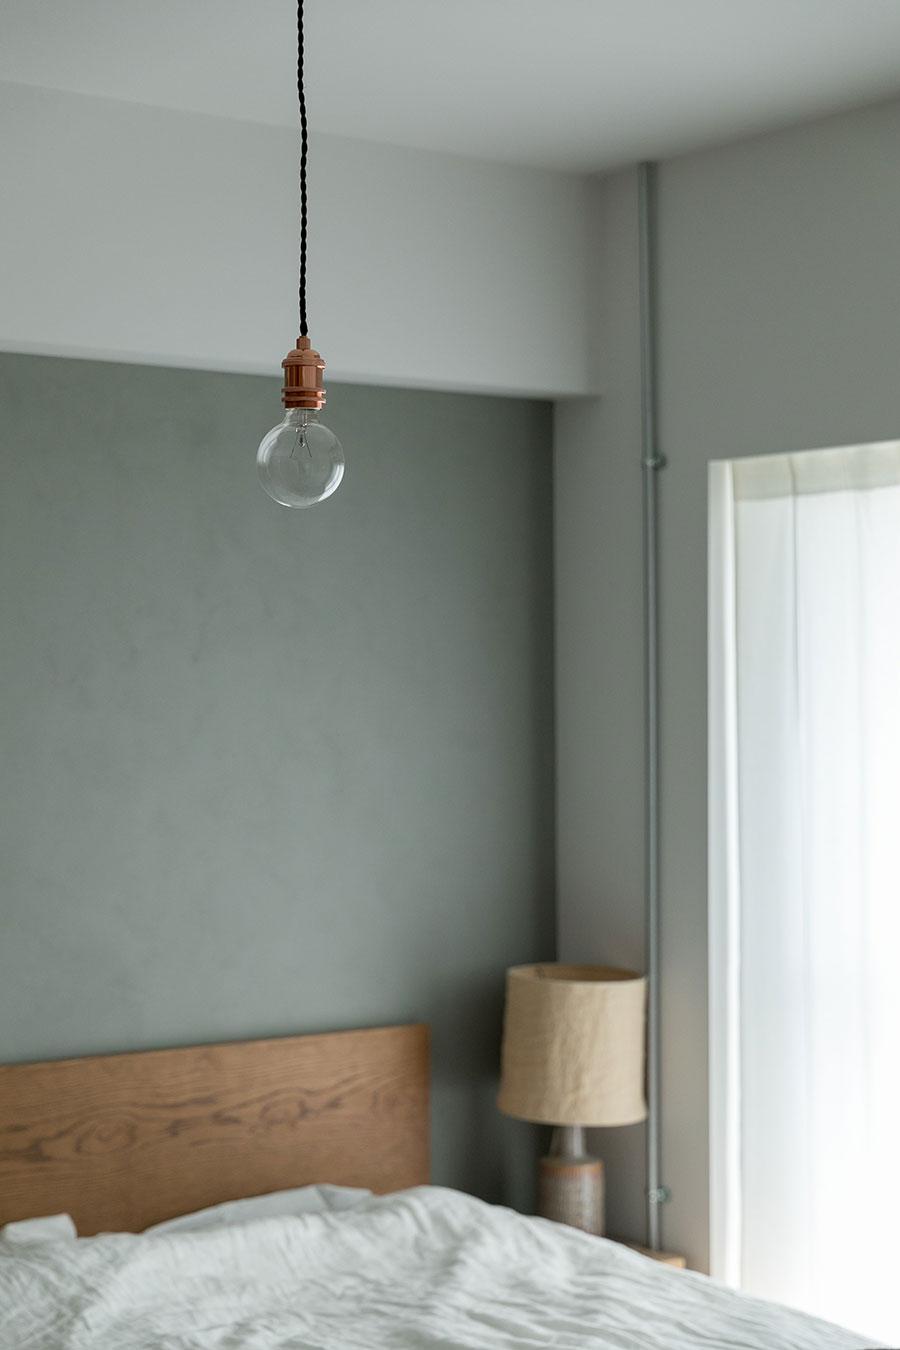 寝室のグレーの壁面はDIYで塗装。ペンダントライトは『BRID(ブリッド)』。のもの